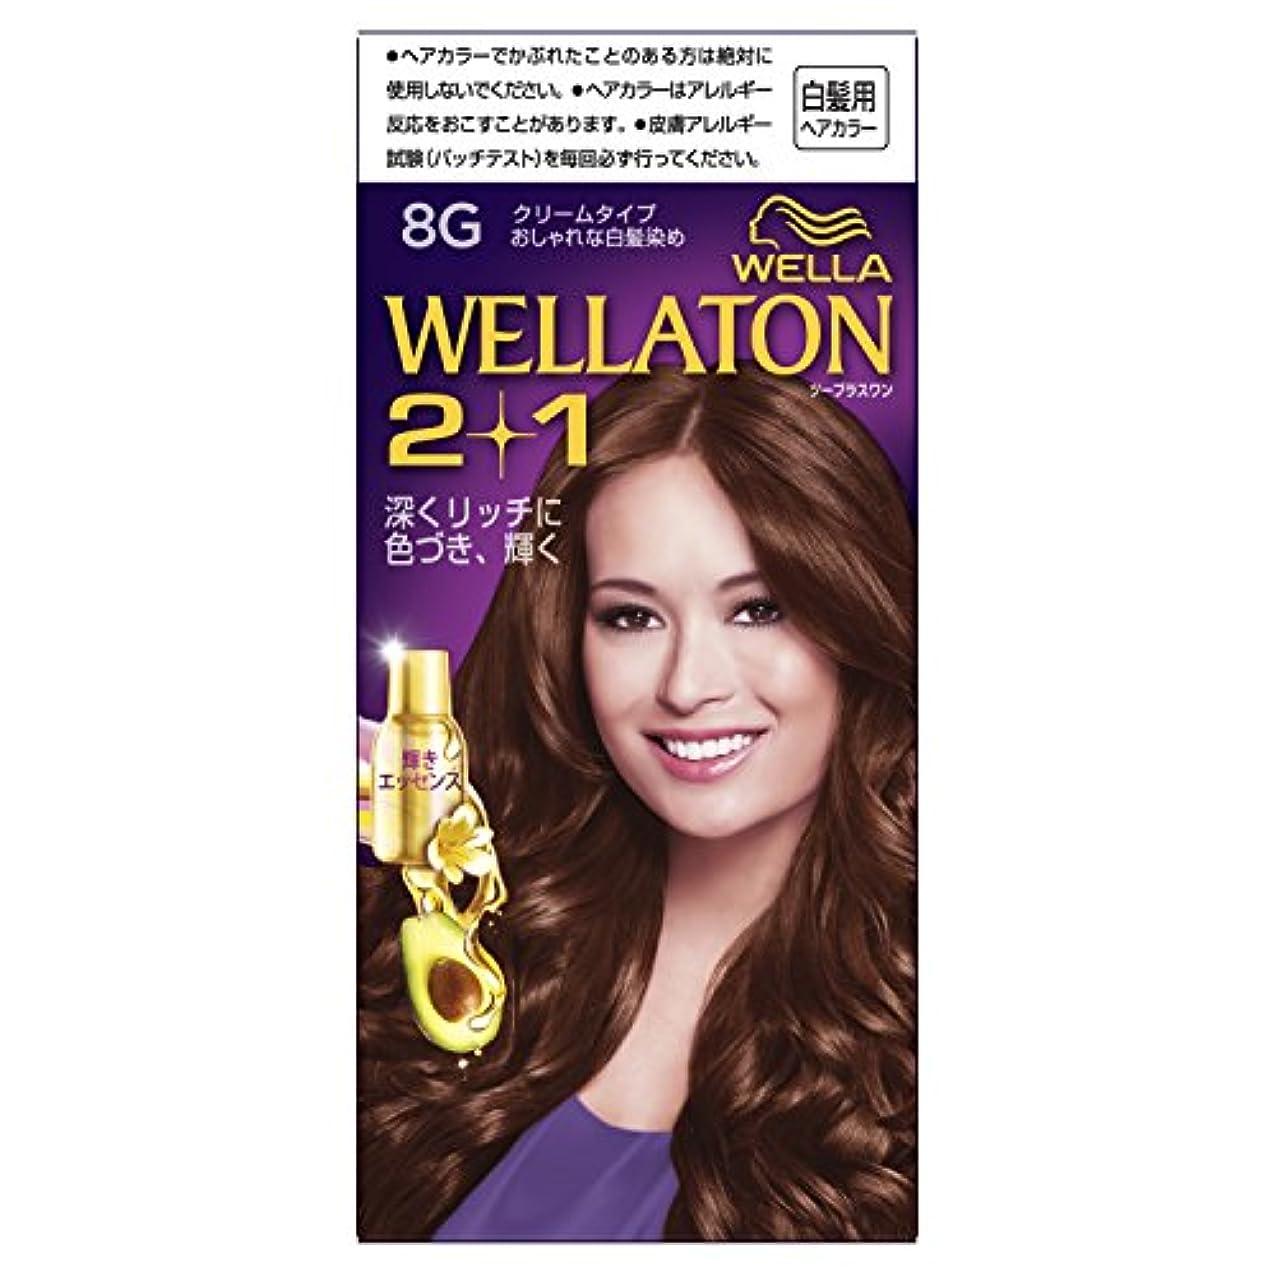 主張する無声で機械ウエラトーン2+1 クリームタイプ 8G [医薬部外品](おしゃれな白髪染め)